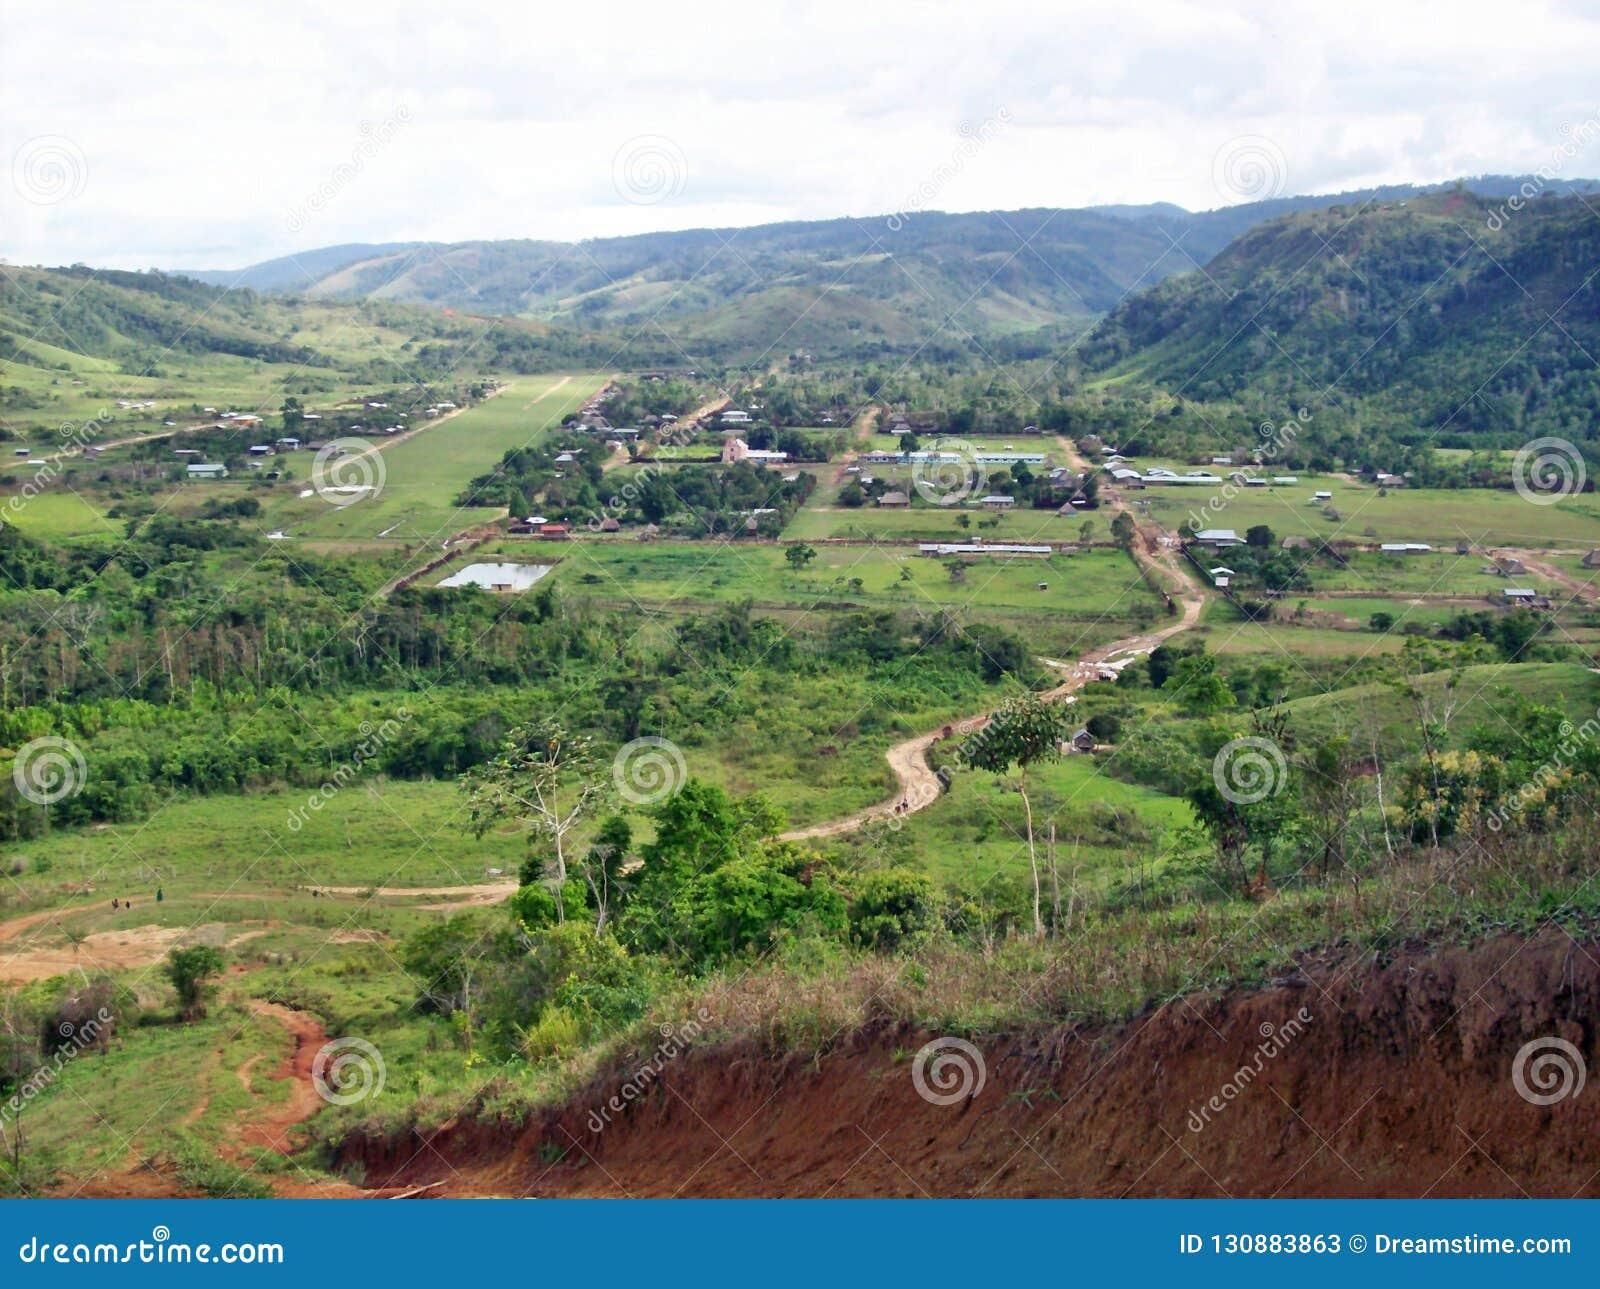 Village between hills